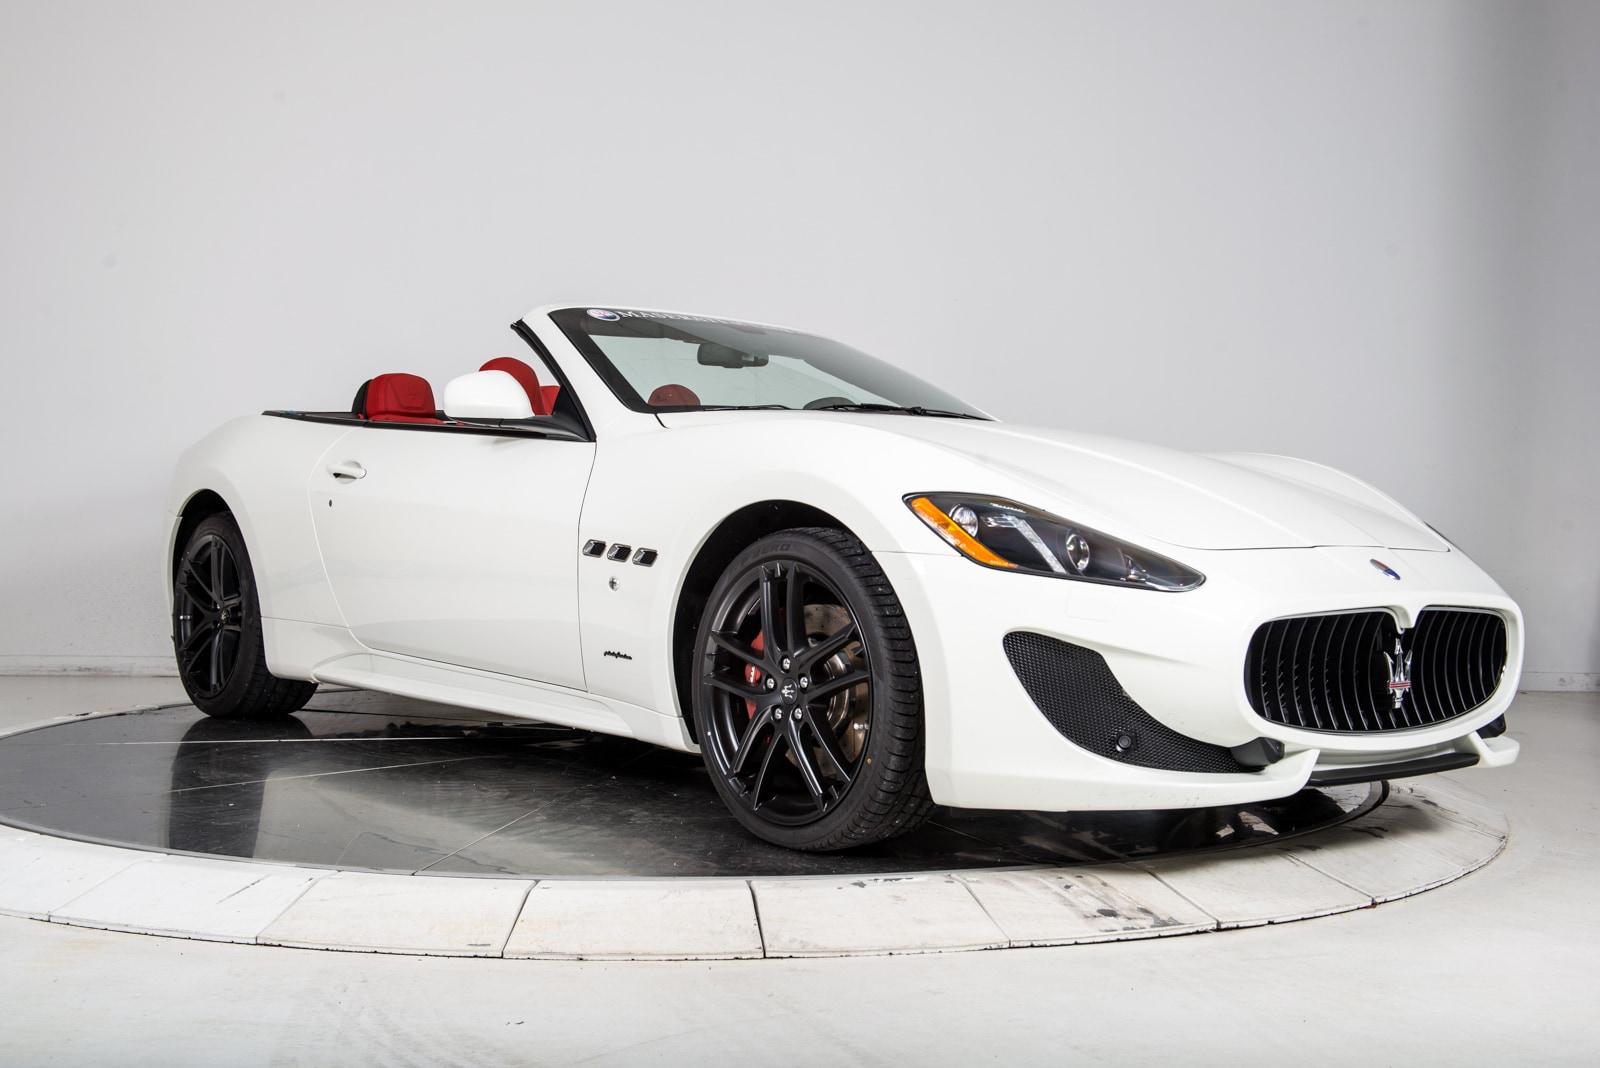 New 2017 maserati granturismo convertible for sale fort - Maserati granturismo red interior ...